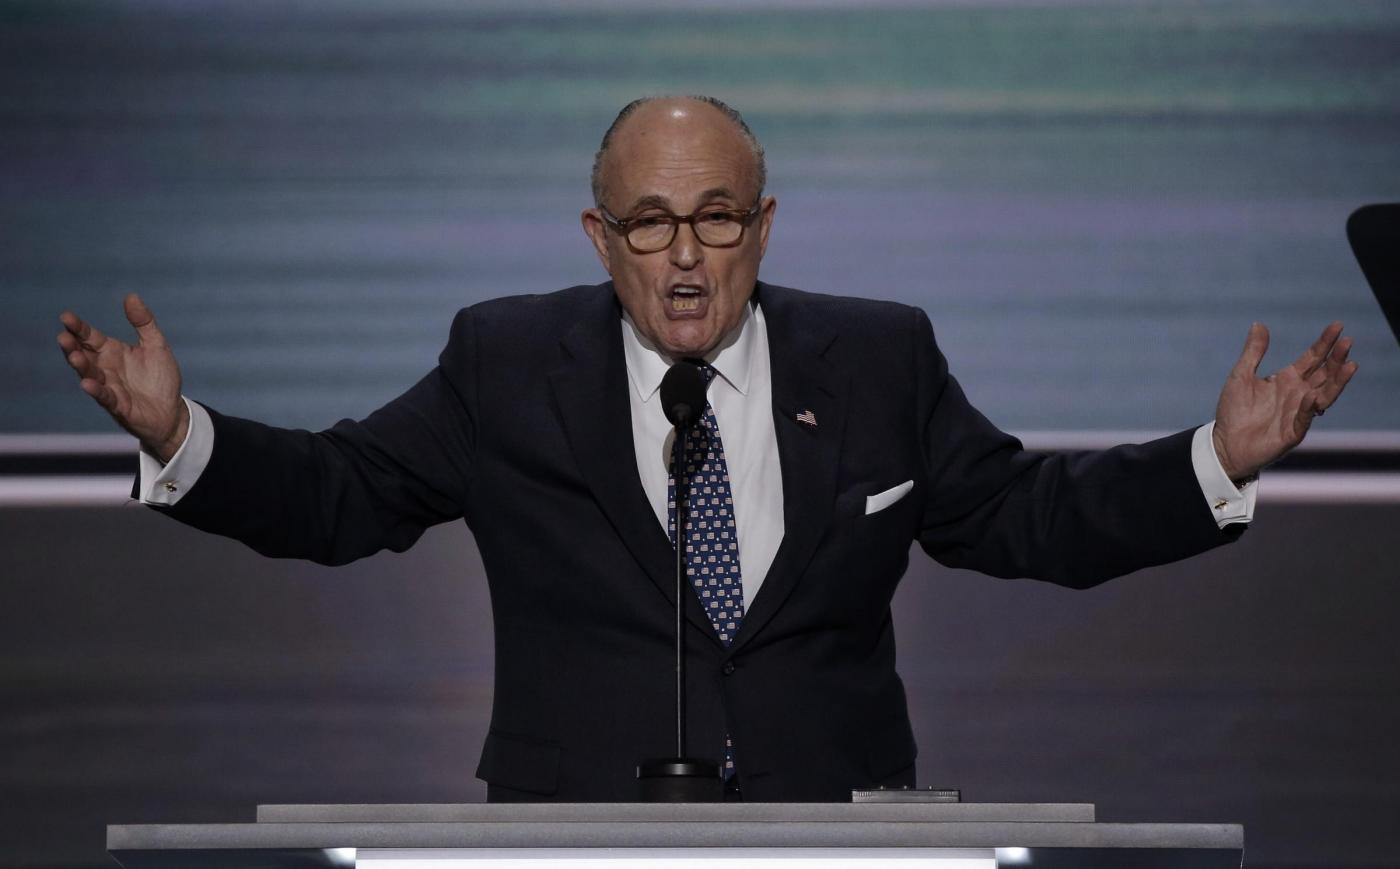 Cleveland, politici e uomini di spettacolo intervengono alla convention repubblicana